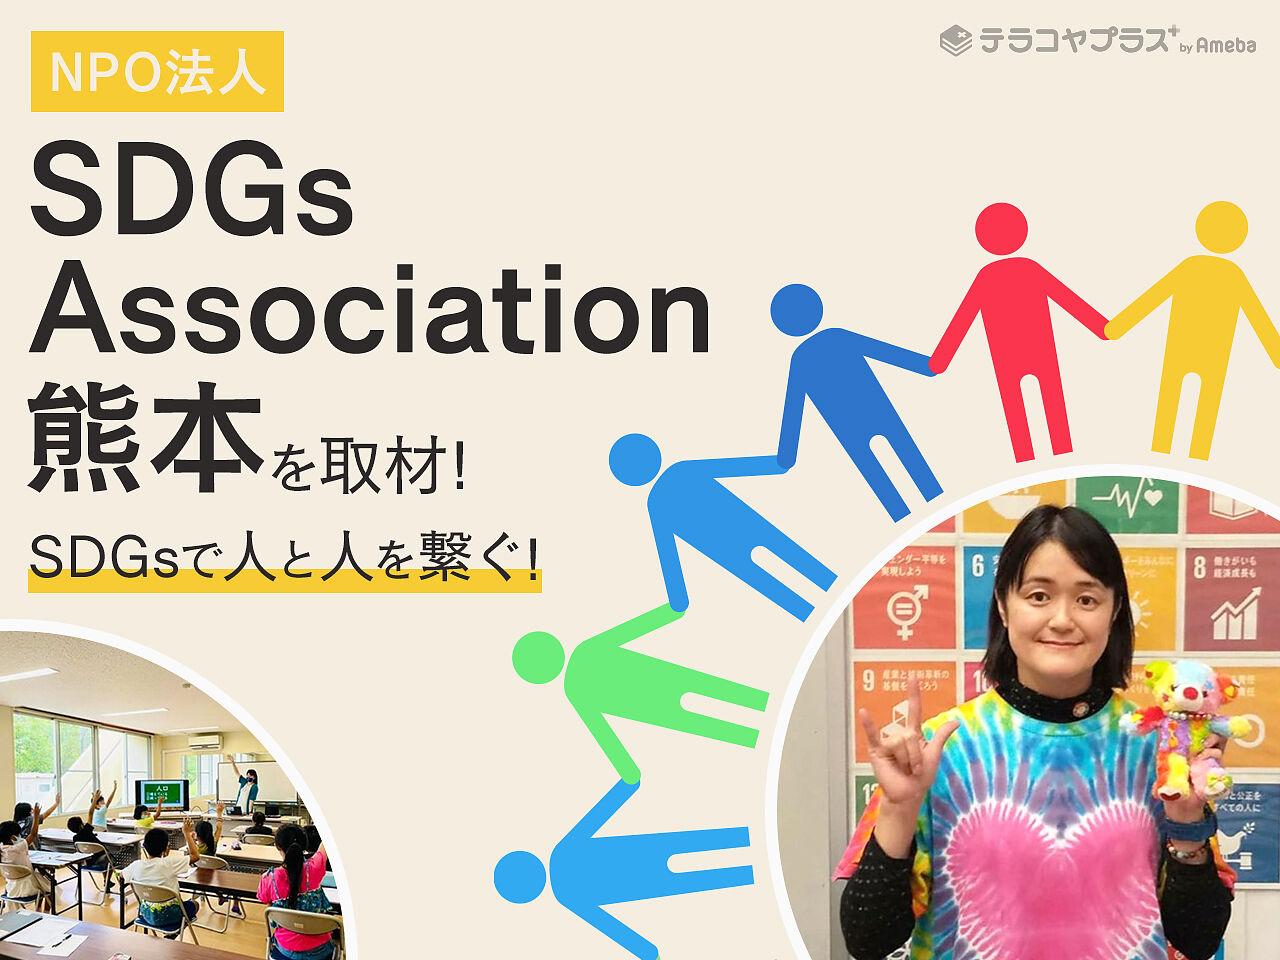 SDGsで人と人を繋ぐNPO法人「SDGs Association熊本」を取材!社会課題を解決するための知識とはの画像